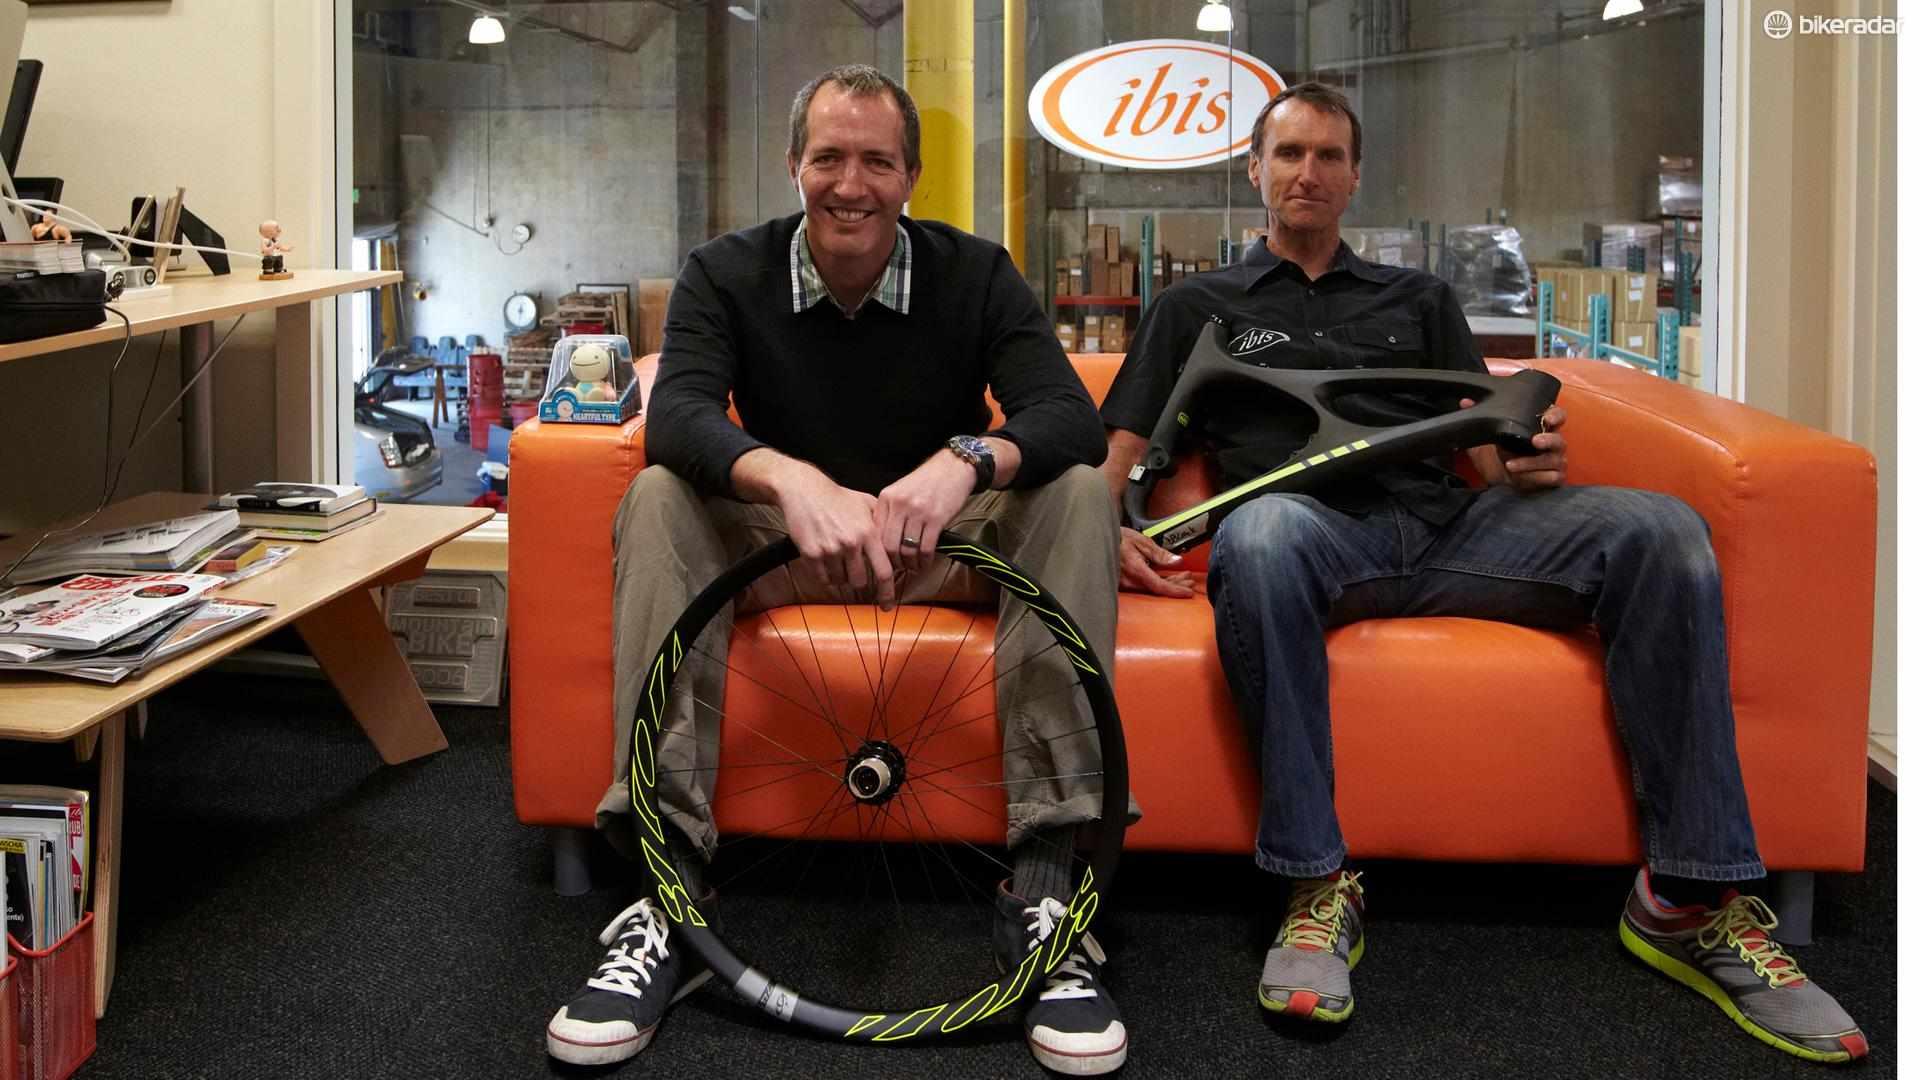 Tom Morgan and Scot Nicol at the Ibis factory in Santa Cruz, California